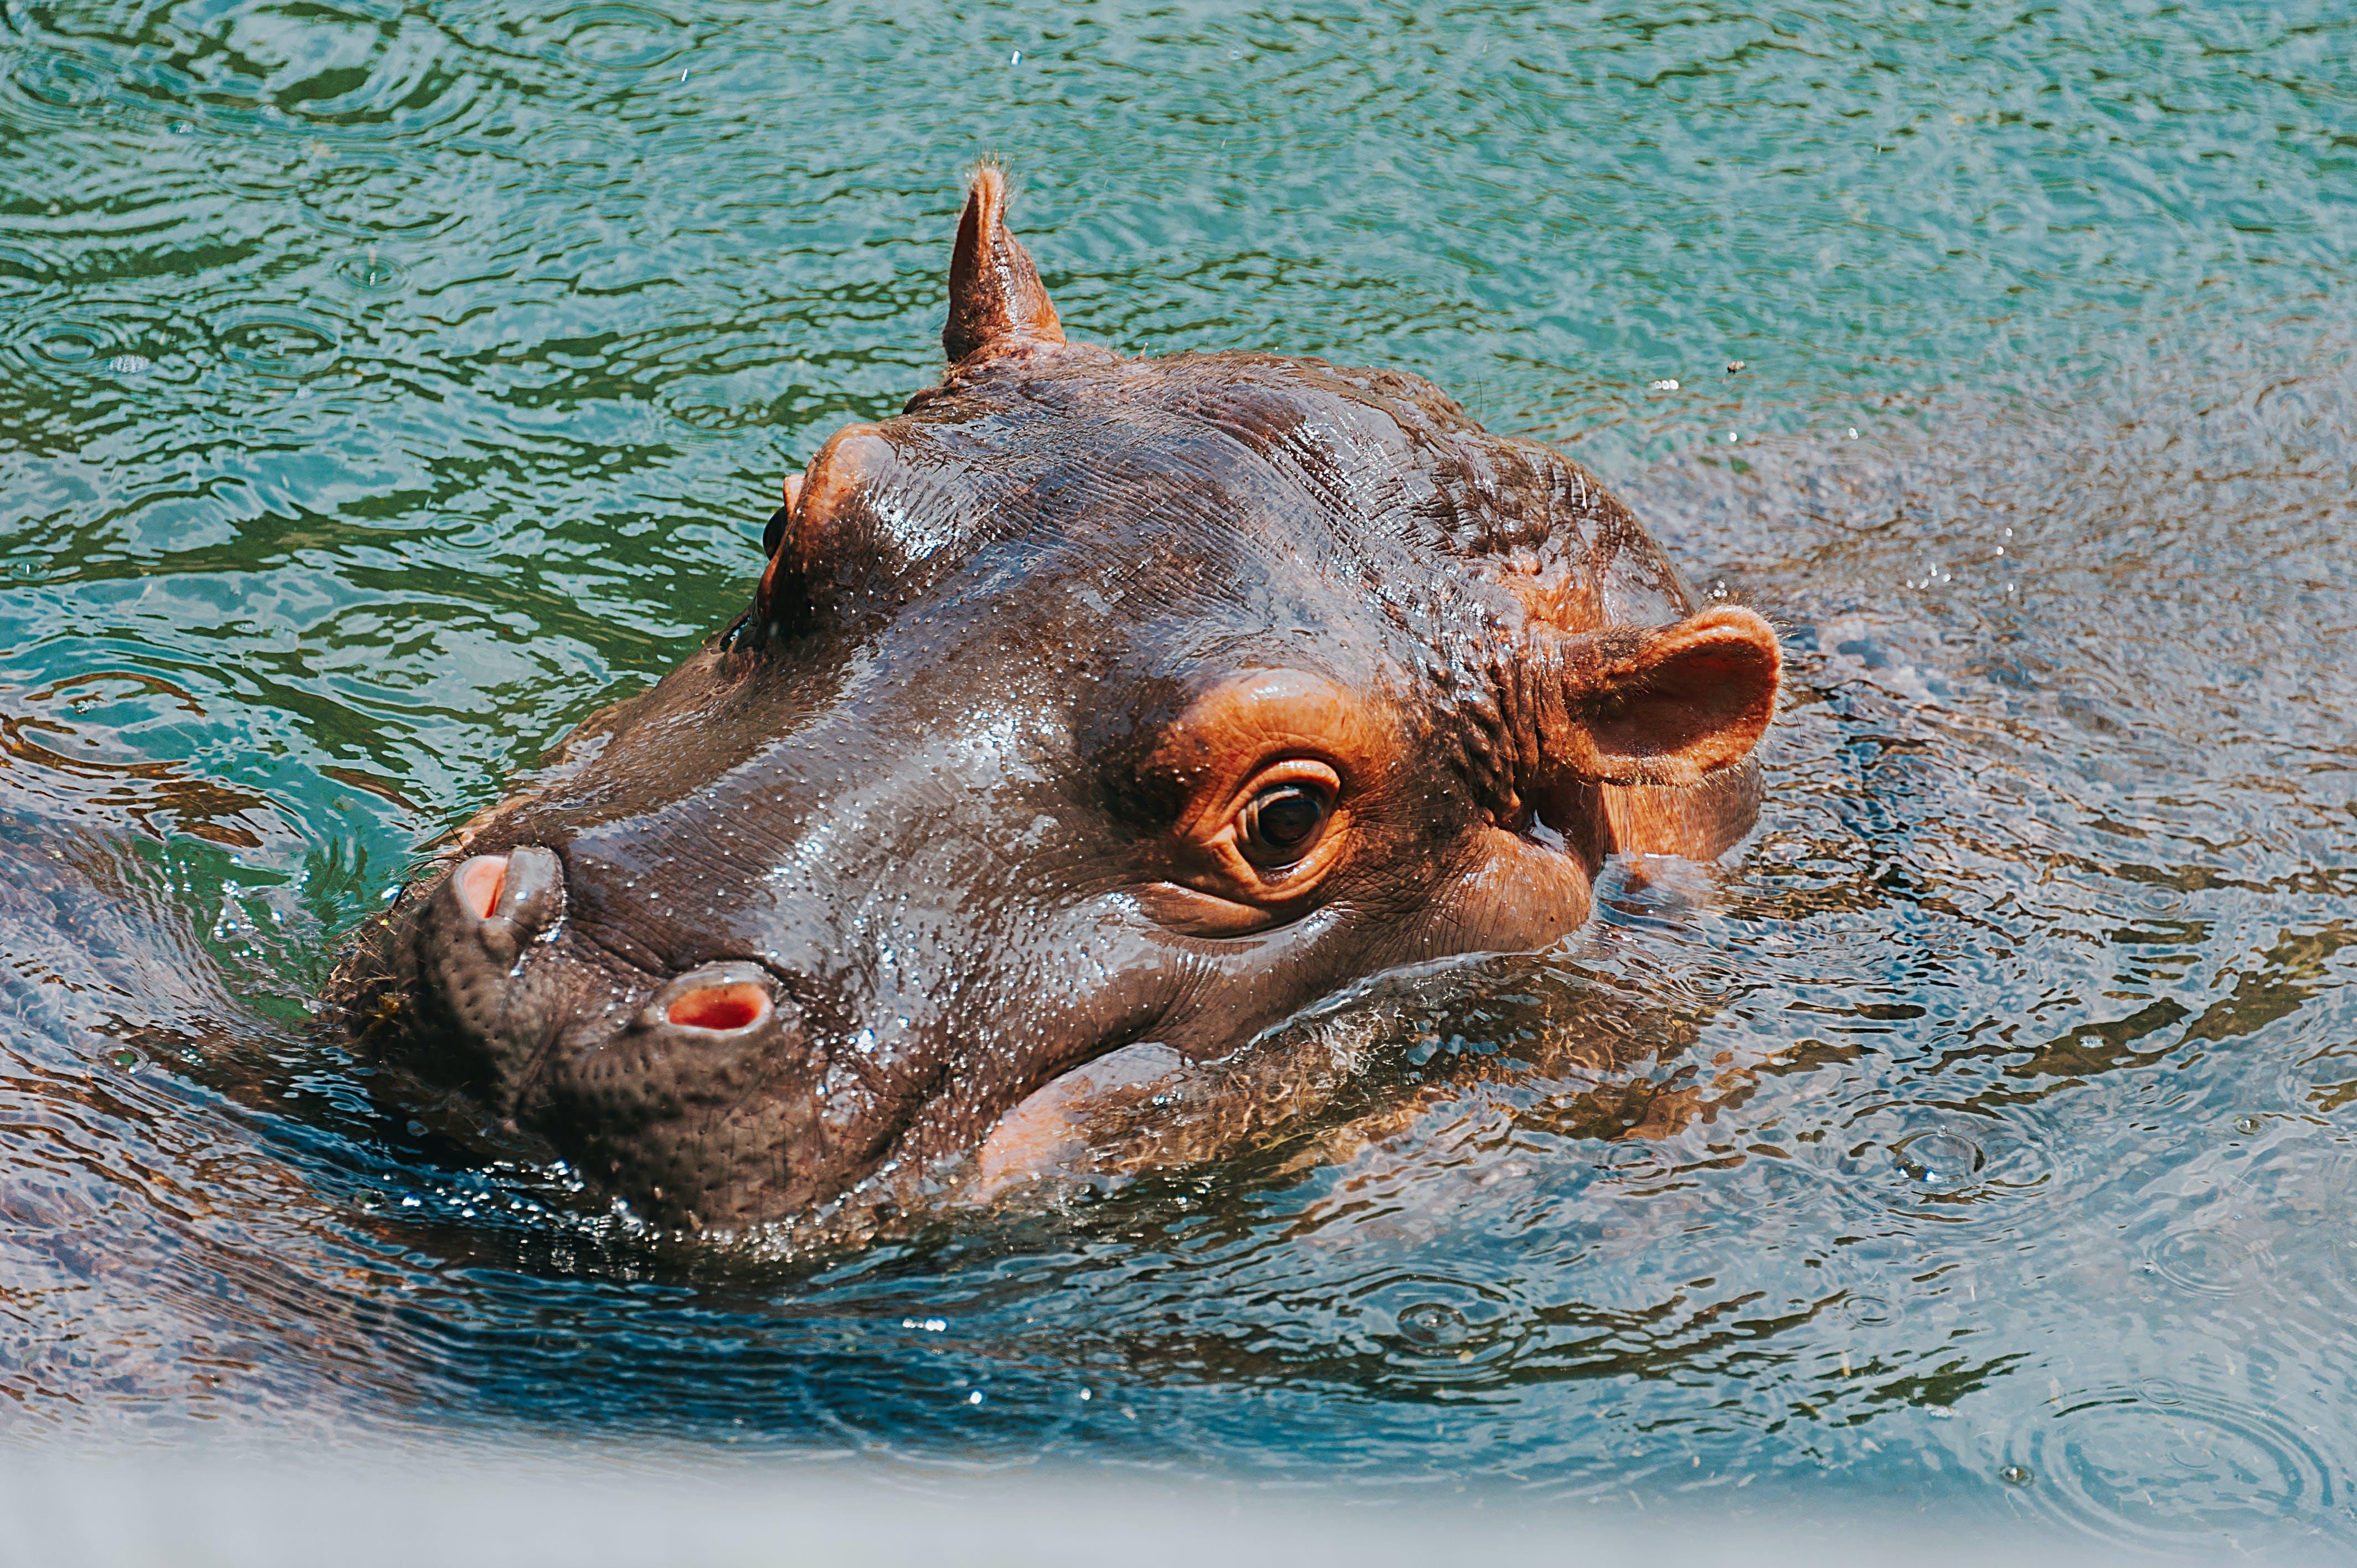 Close-up Photography of Hippopotamus